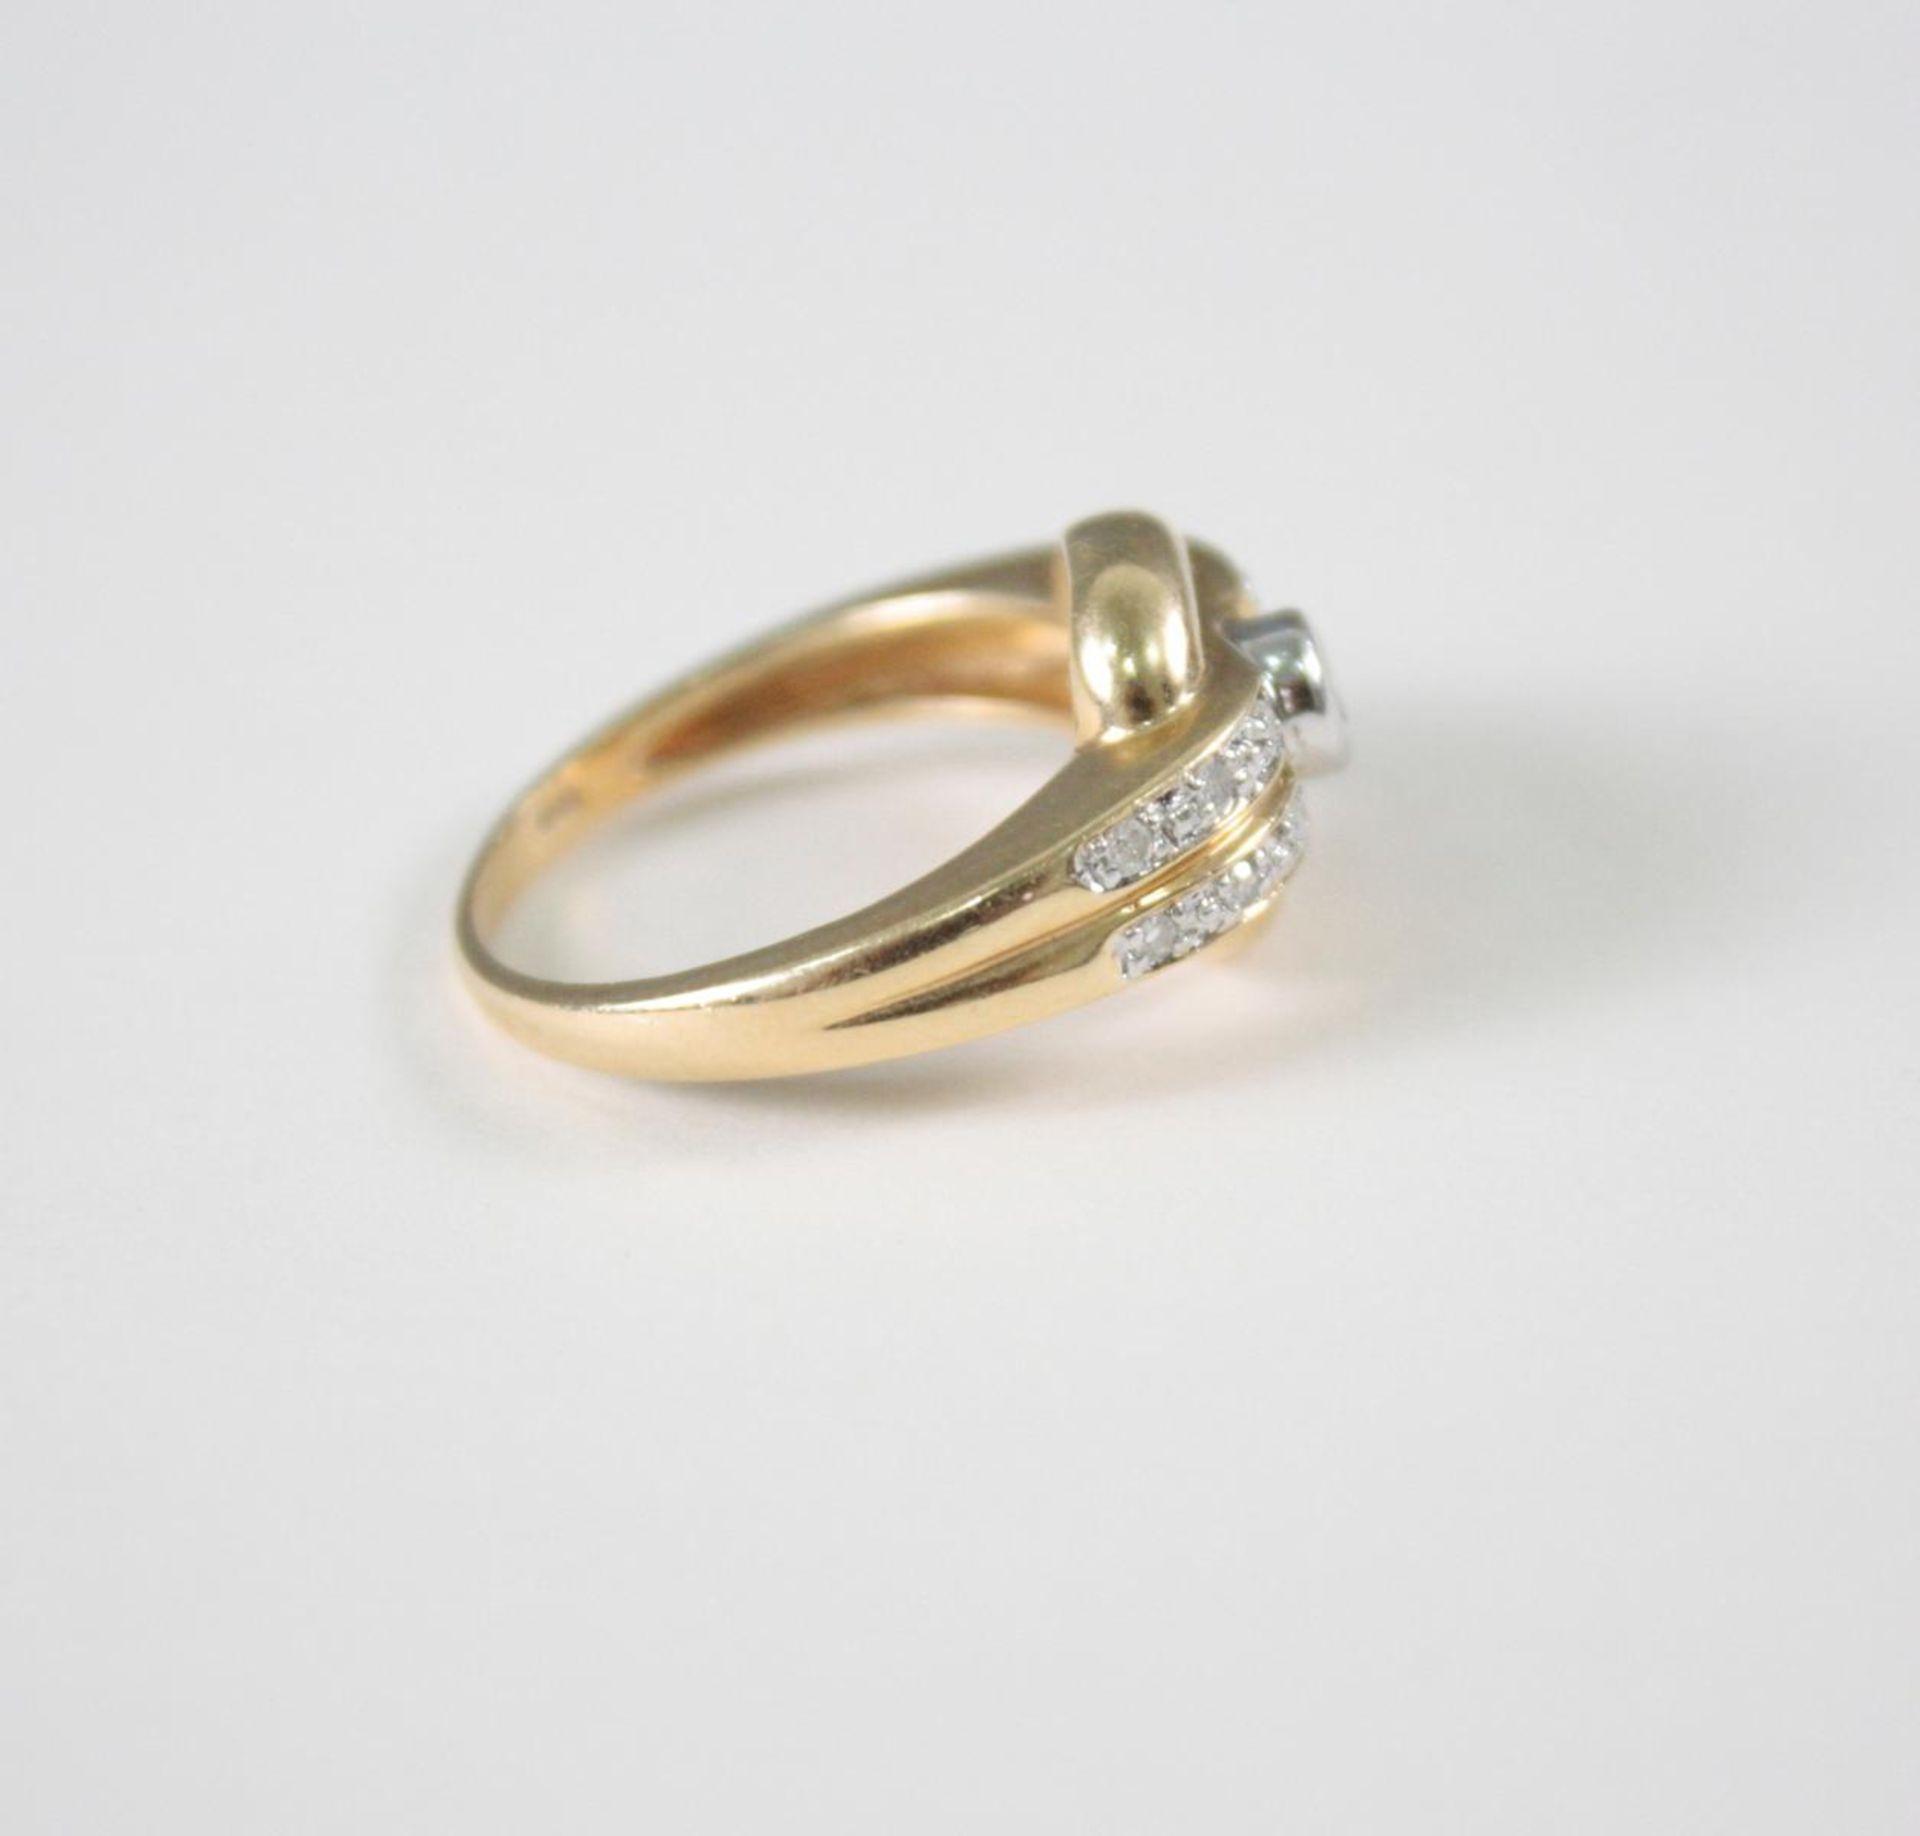 Damenring mit Diamanten, 14 Karat Gelbgold1 Diamant von ca. 0,05 Karat, 12 Diamanten von jeweils ca. - Bild 3 aus 3